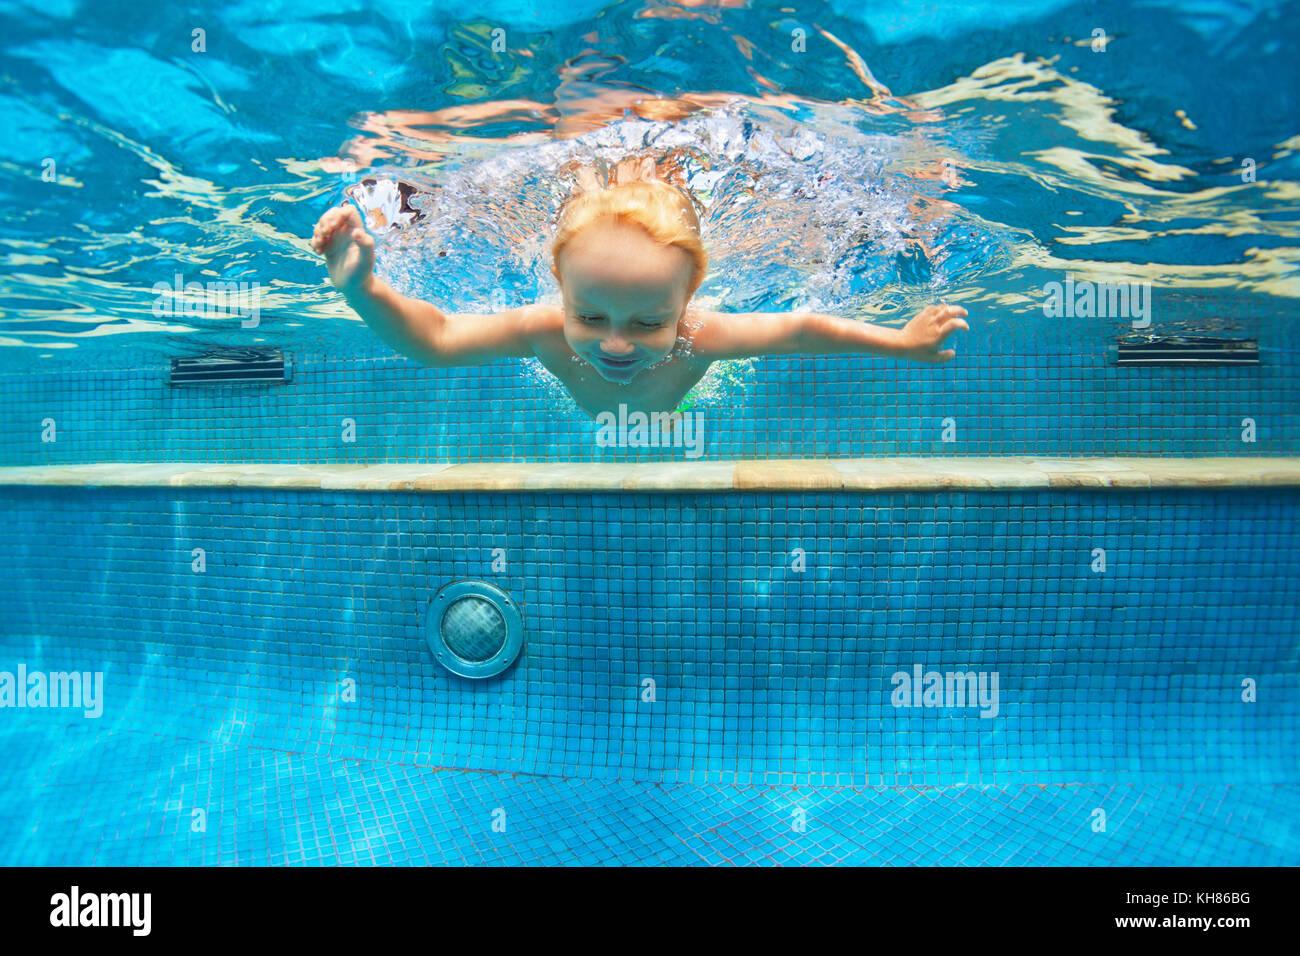 Gracioso niño aprender nadar, bucear en la piscina azul con la diversión - saltar profundo subacuático Imagen De Stock